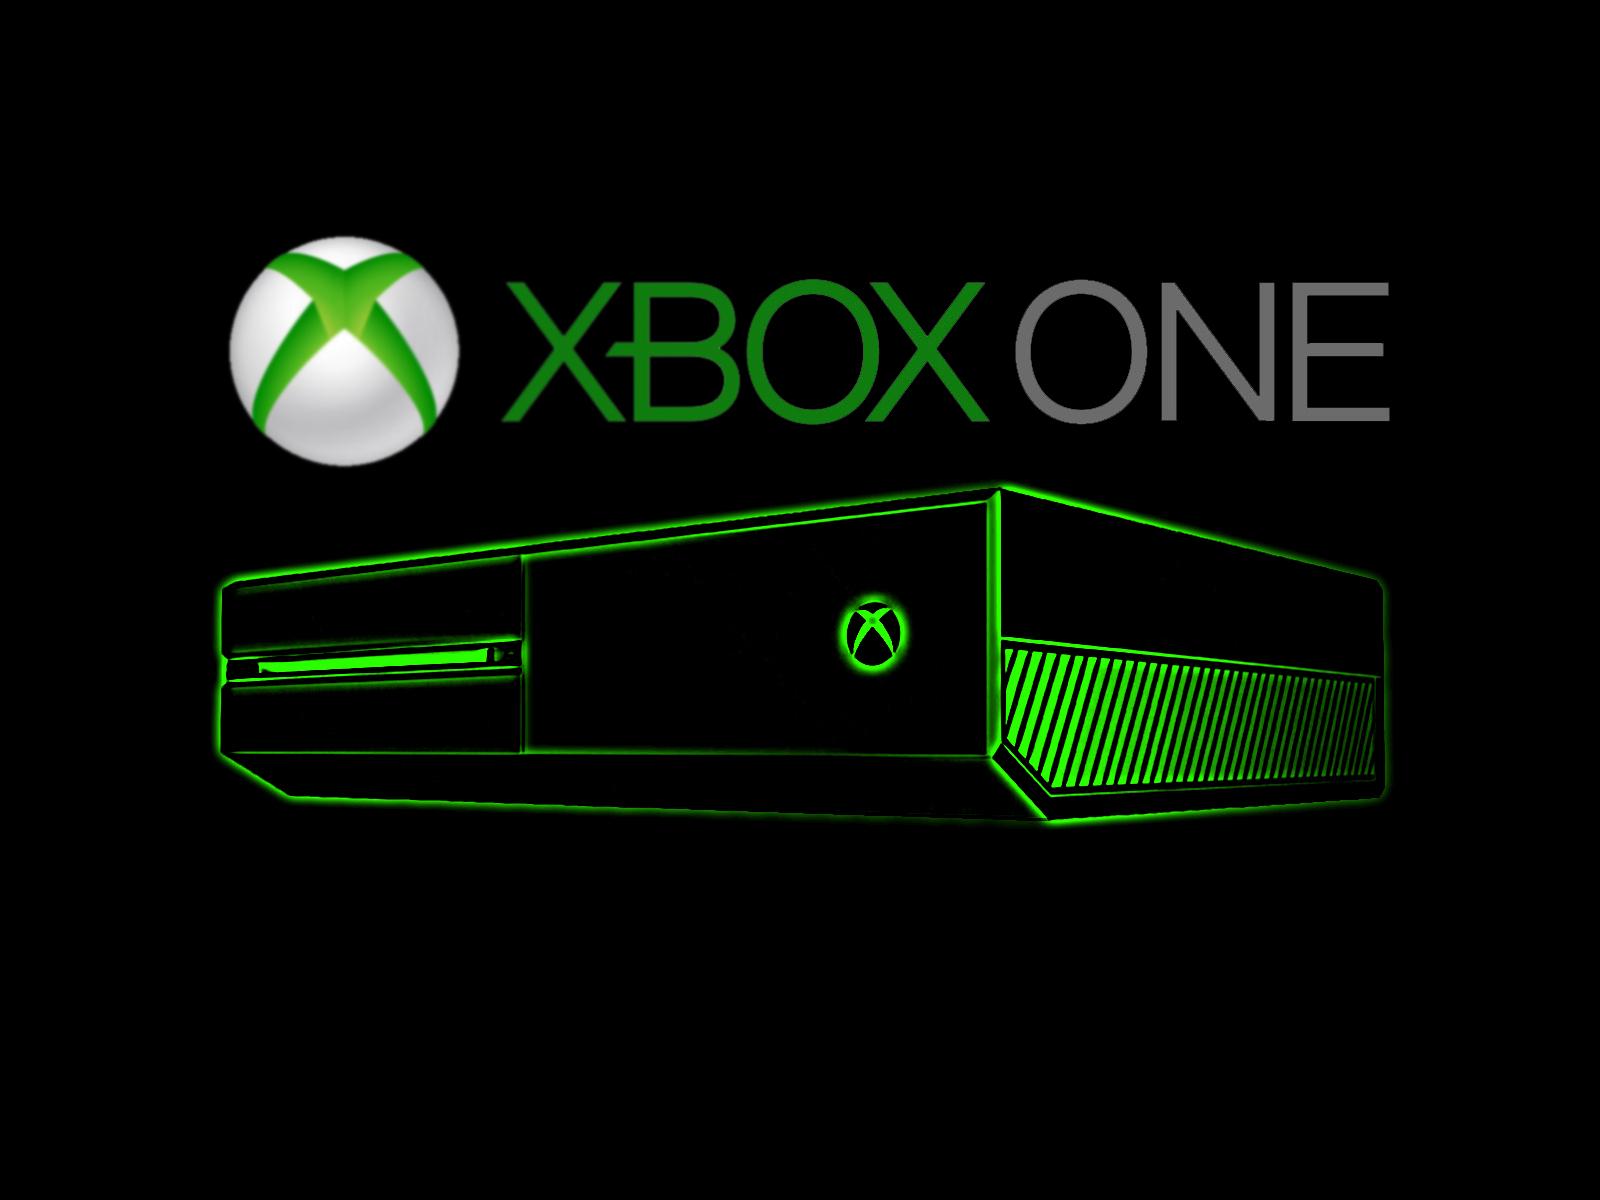 ... Xbox One ...